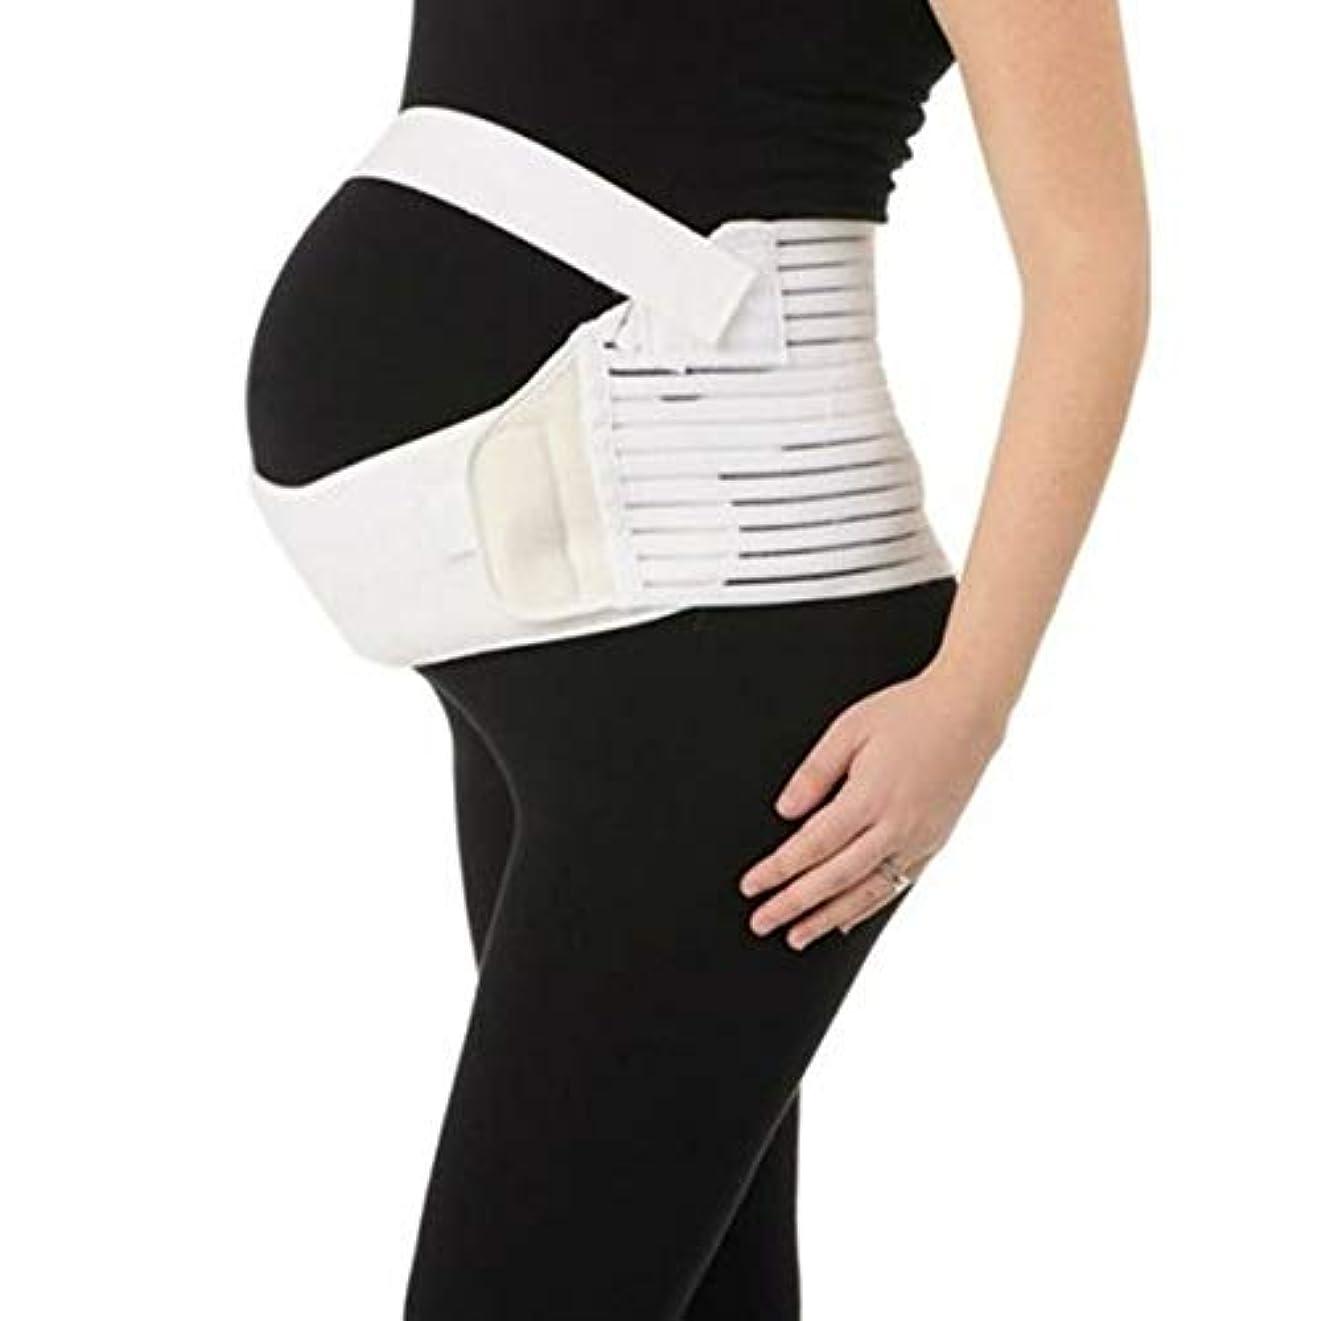 くつろぐ逃れるセミナー通気性産科ベルト妊娠腹部サポート腹部バインダーガードル運動包帯産後の回復形状ウェア - ホワイトM